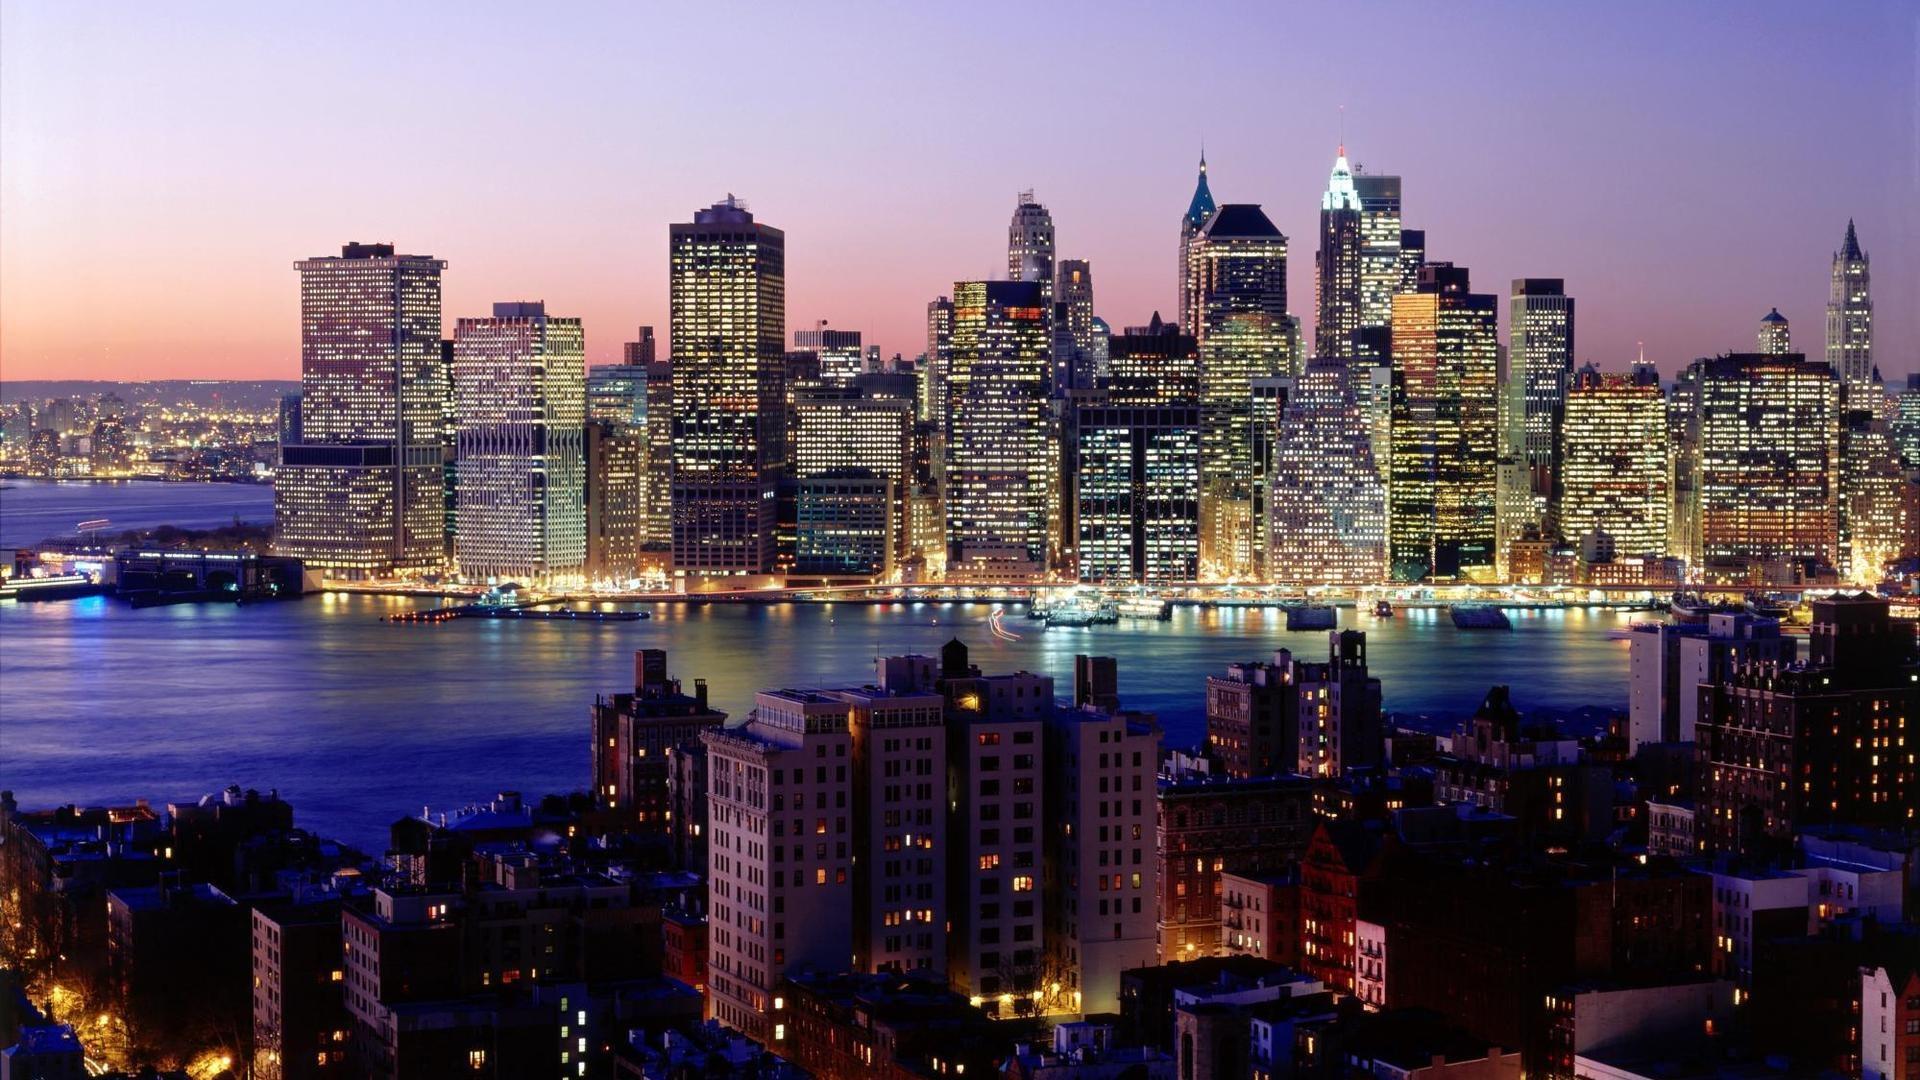 曼哈顿房产市场将迎来300亿美元的投资,投资者必定能从曼哈顿城区转型的建设中获得新的投资机遇